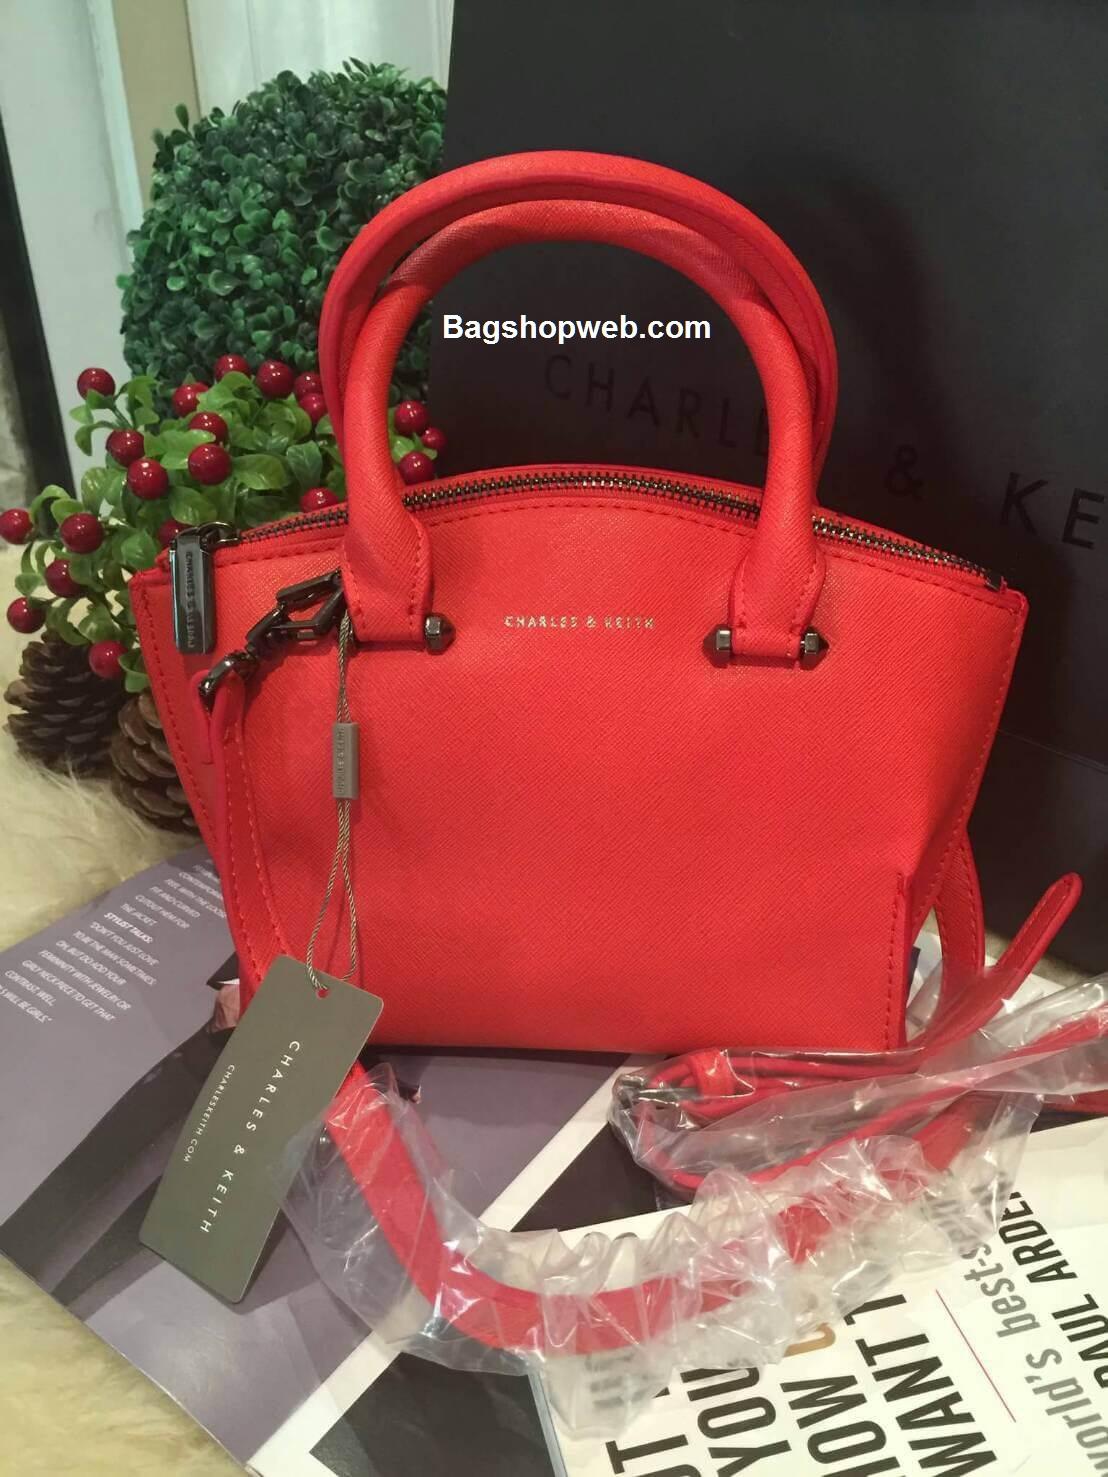 กระเป๋า CHARLES & KEITH TRAPEZE CITY BAG 2016 สีแดง กระเป๋าถือหรือสะพายหนัง Saffiano